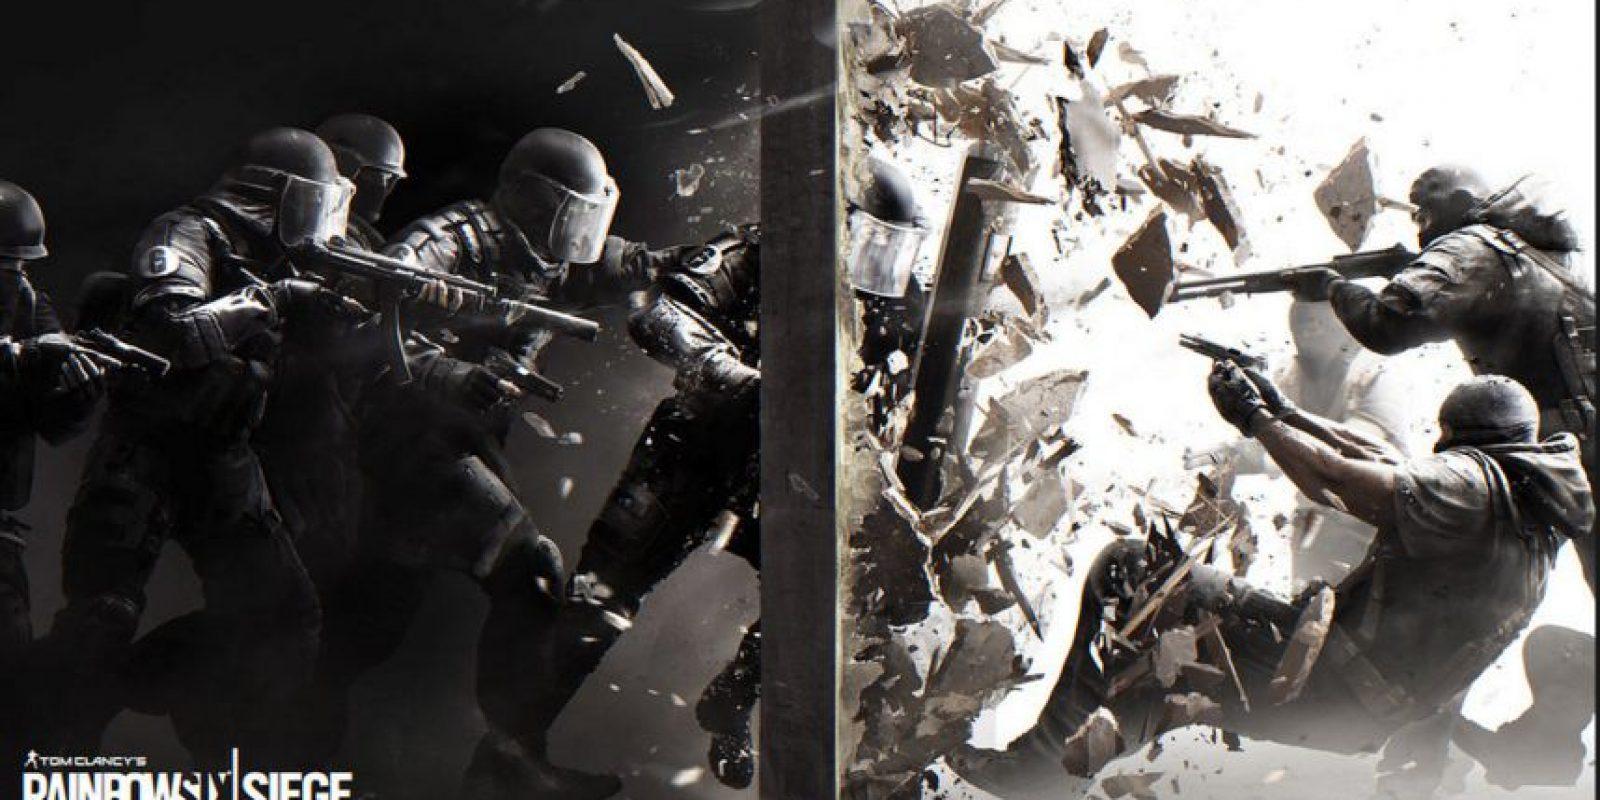 La demostración del juego durante la Gamecom 2015 obtuvo comentarios positivos Foto:Ubisoft